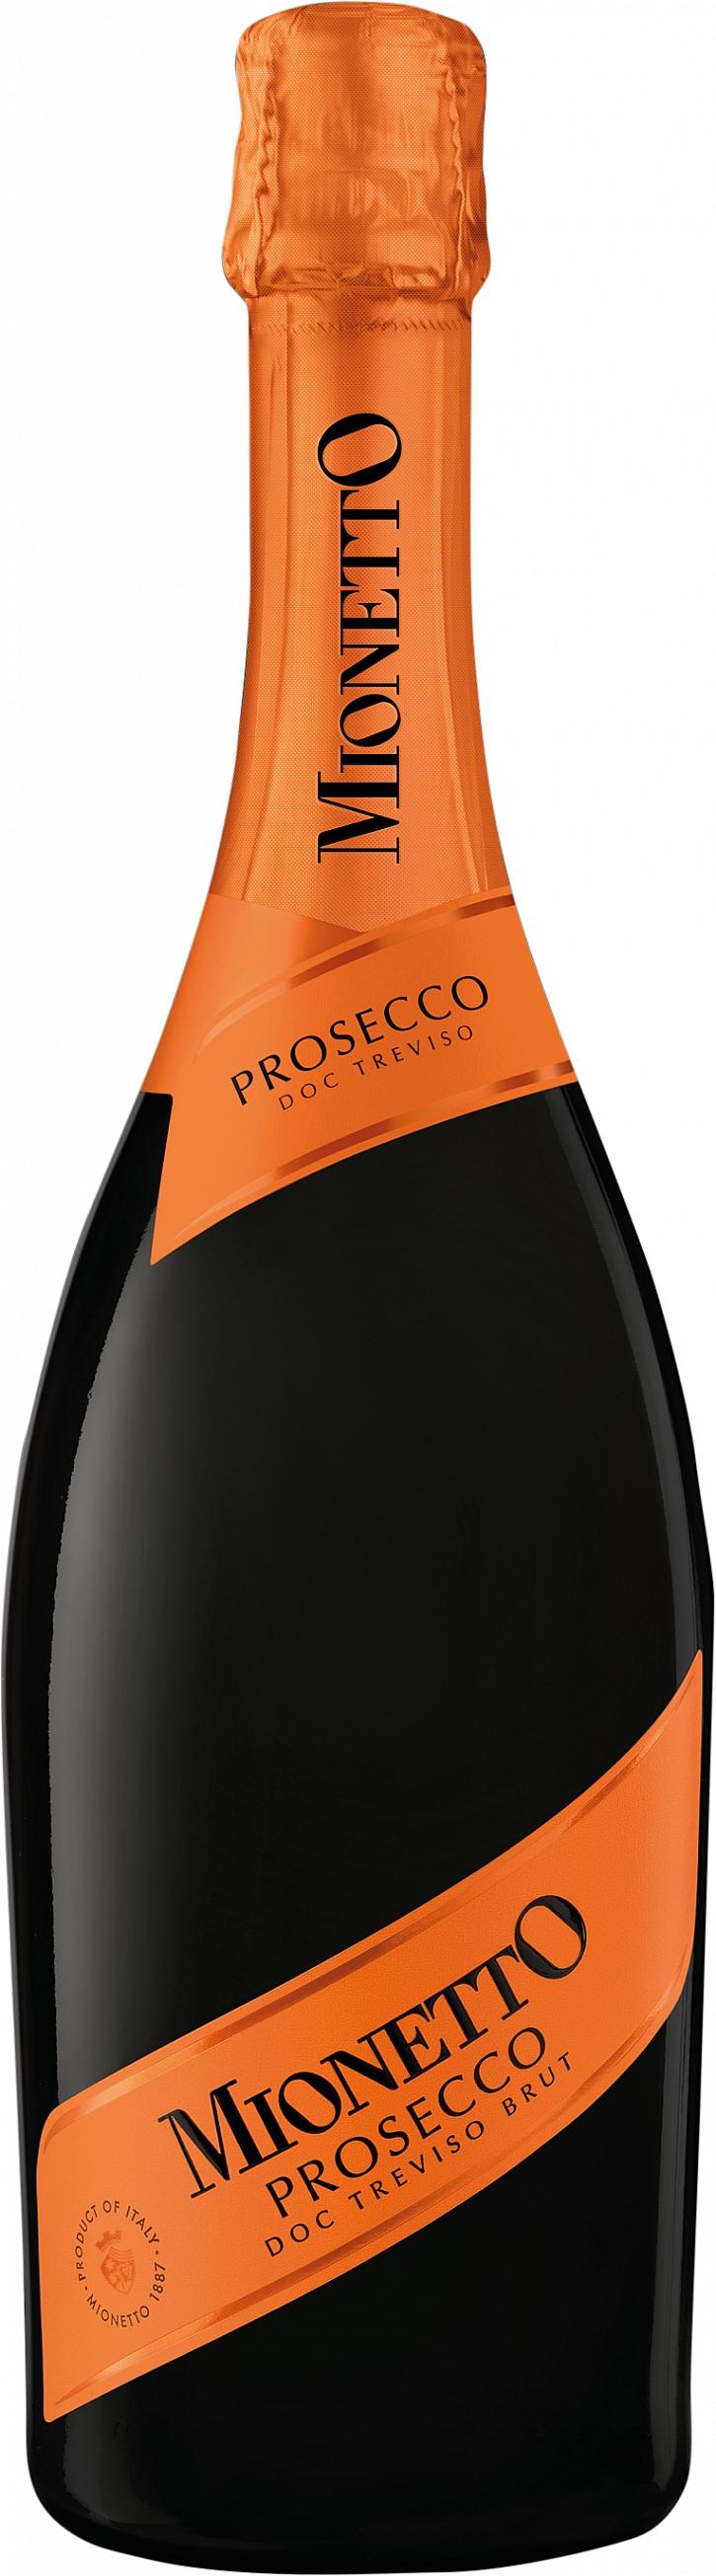 Mionetto_Prosecco DOC Treviso Brut-2020